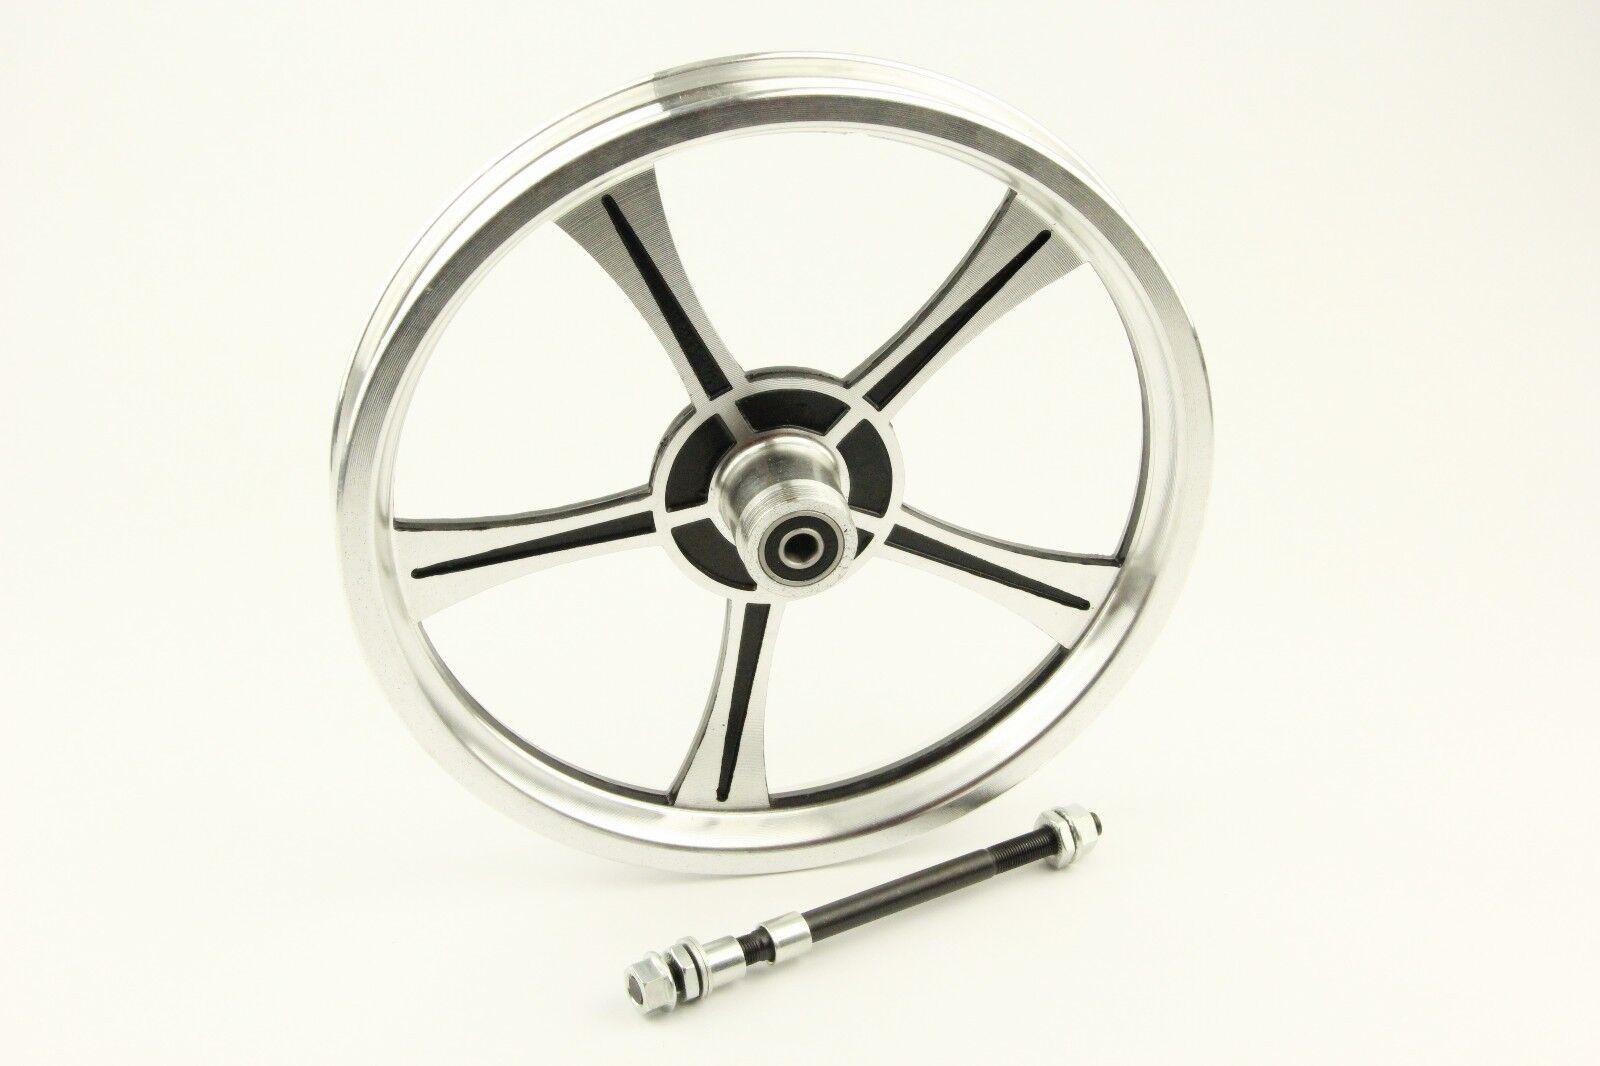 Bike Bicycle Rear Wheel 14 X 1.75 2.125 2.5'' Aluminum Scooter eBike